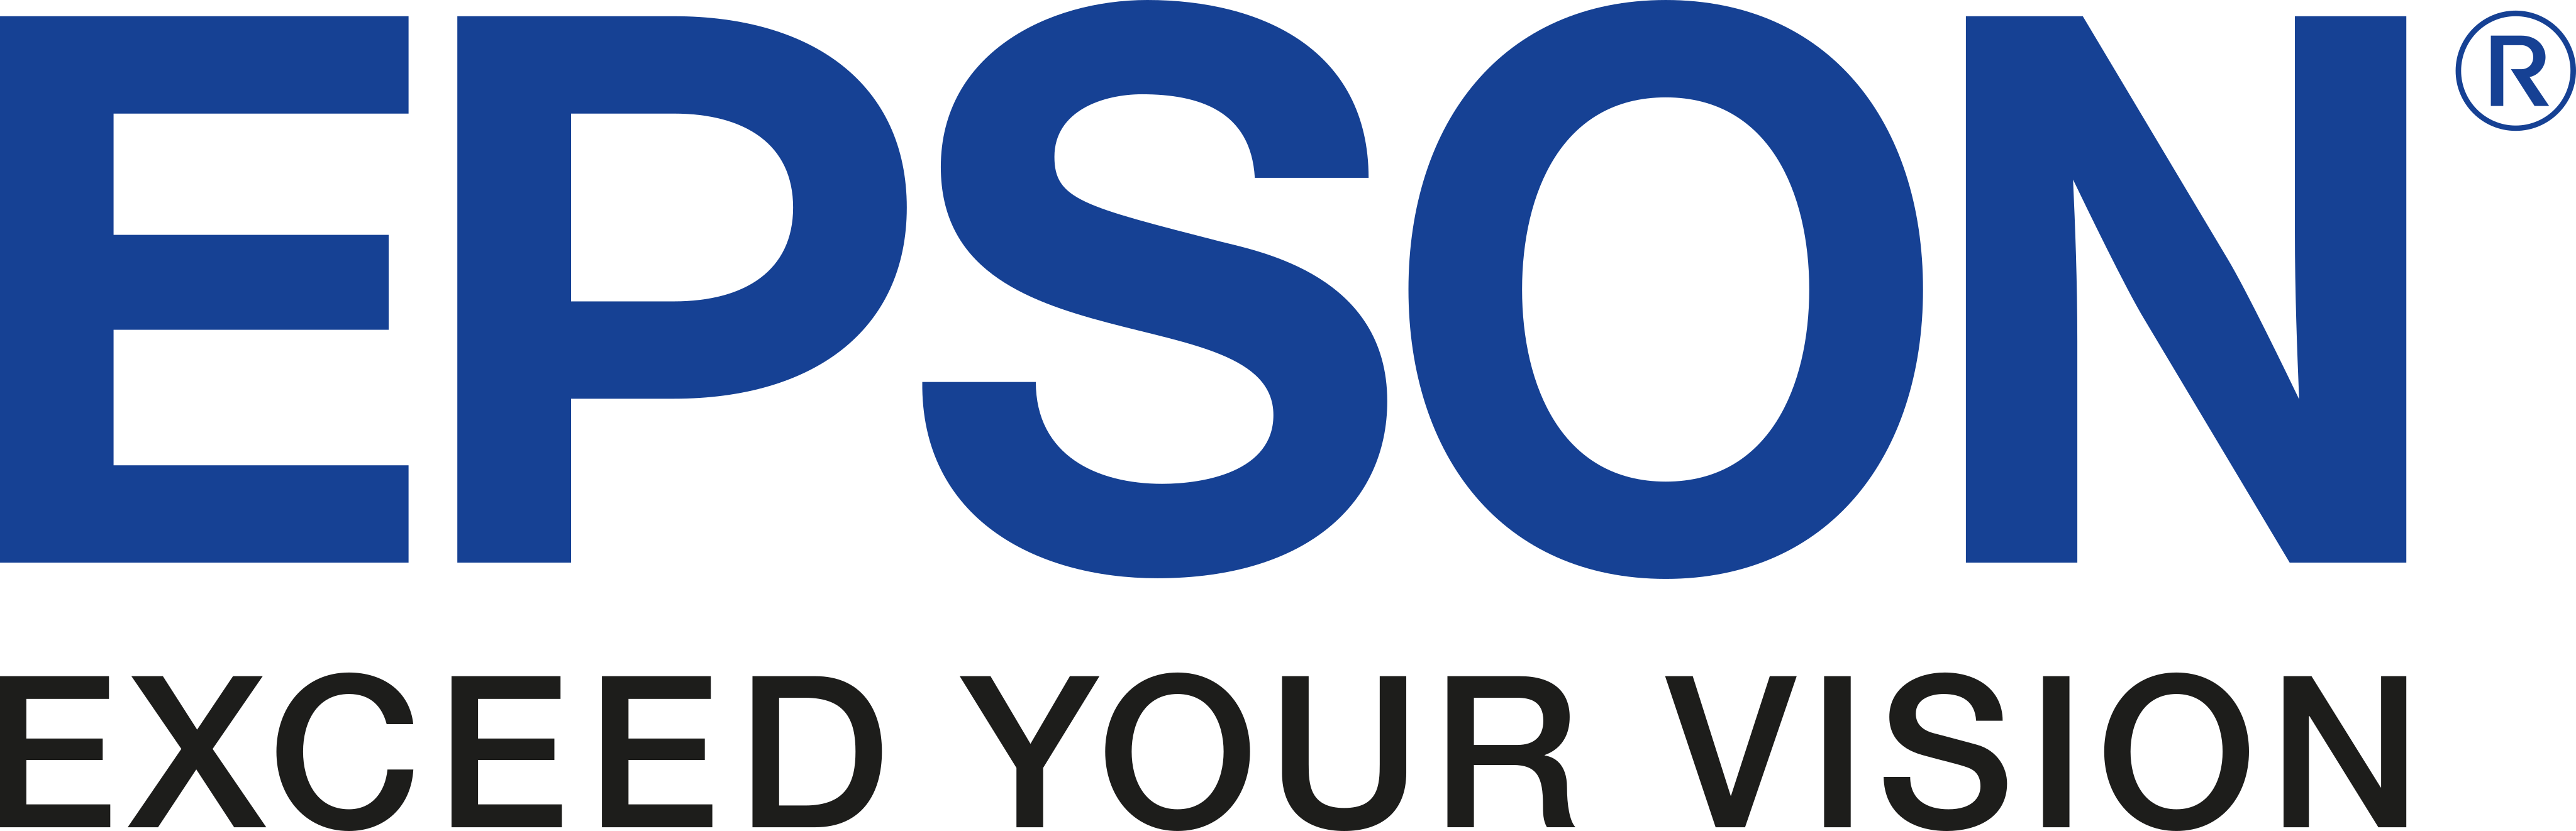 Epson Indonesia